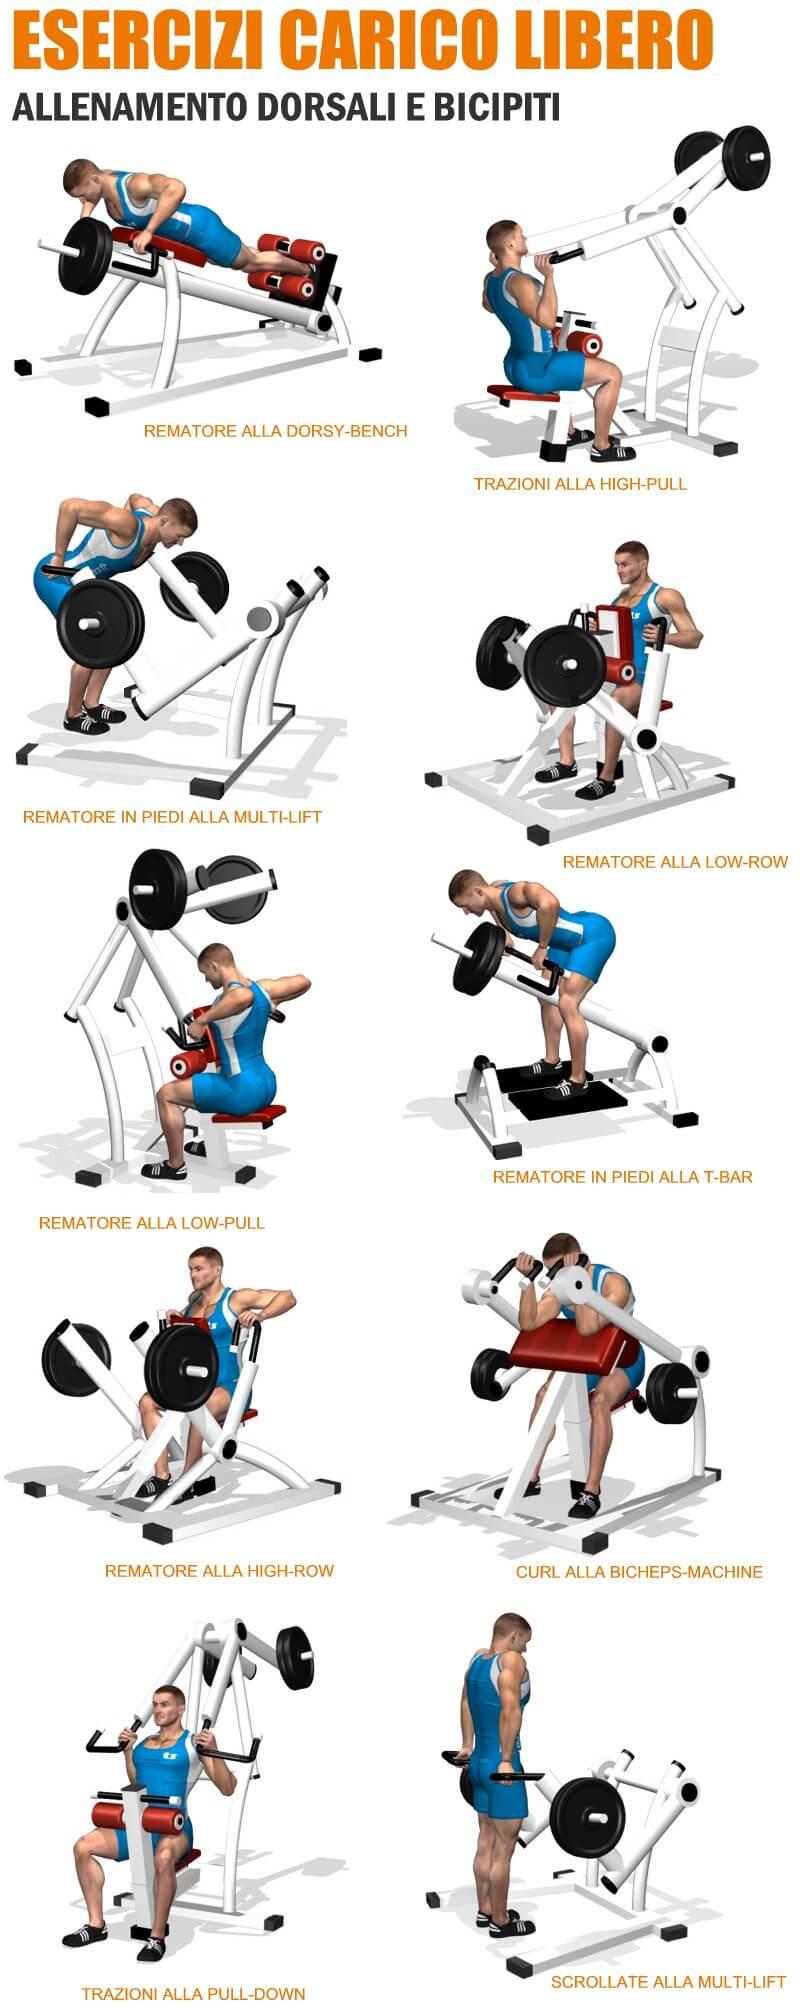 tutti-nuovi-esercizi-dorsali-macchine-carico-libero